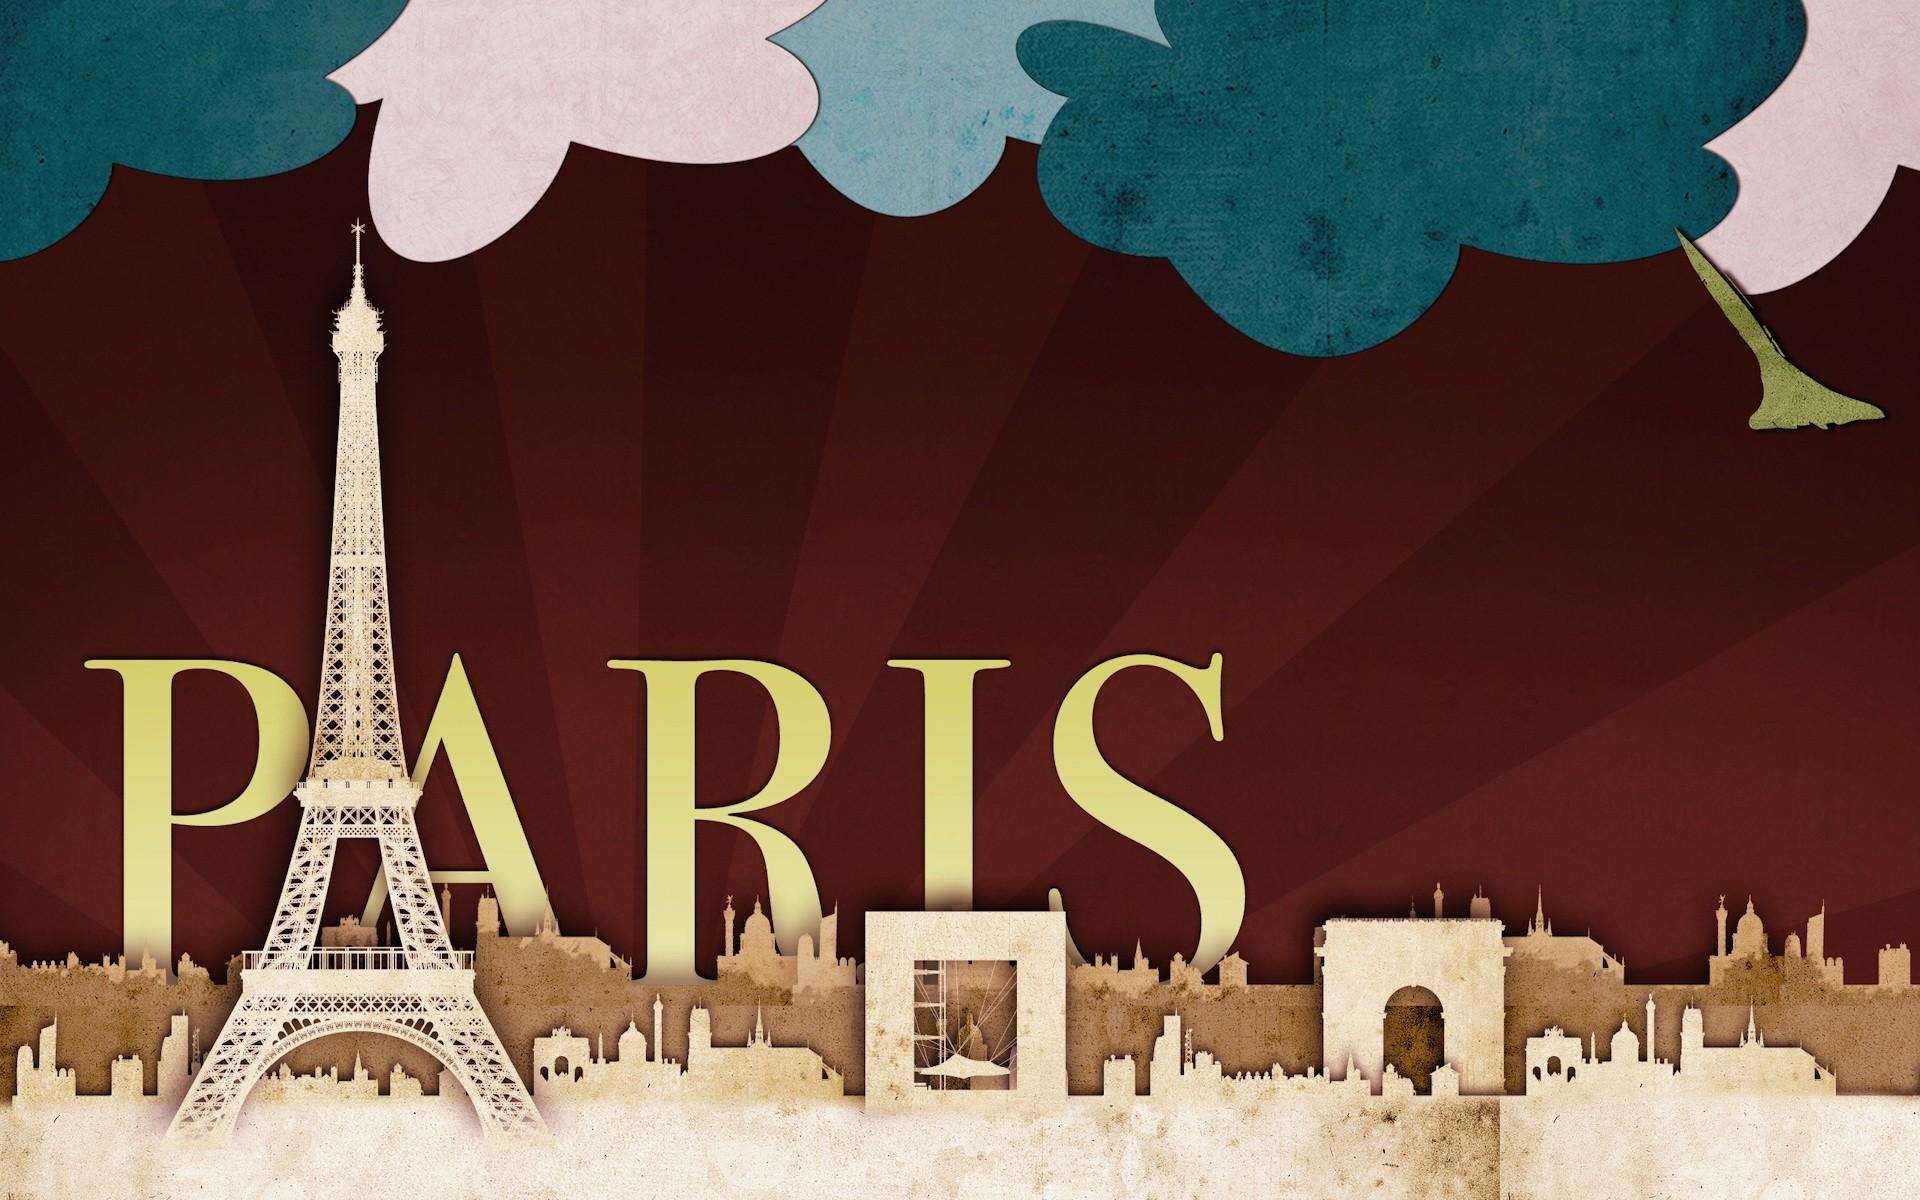 Recuerdo de Paris - 1920x1200